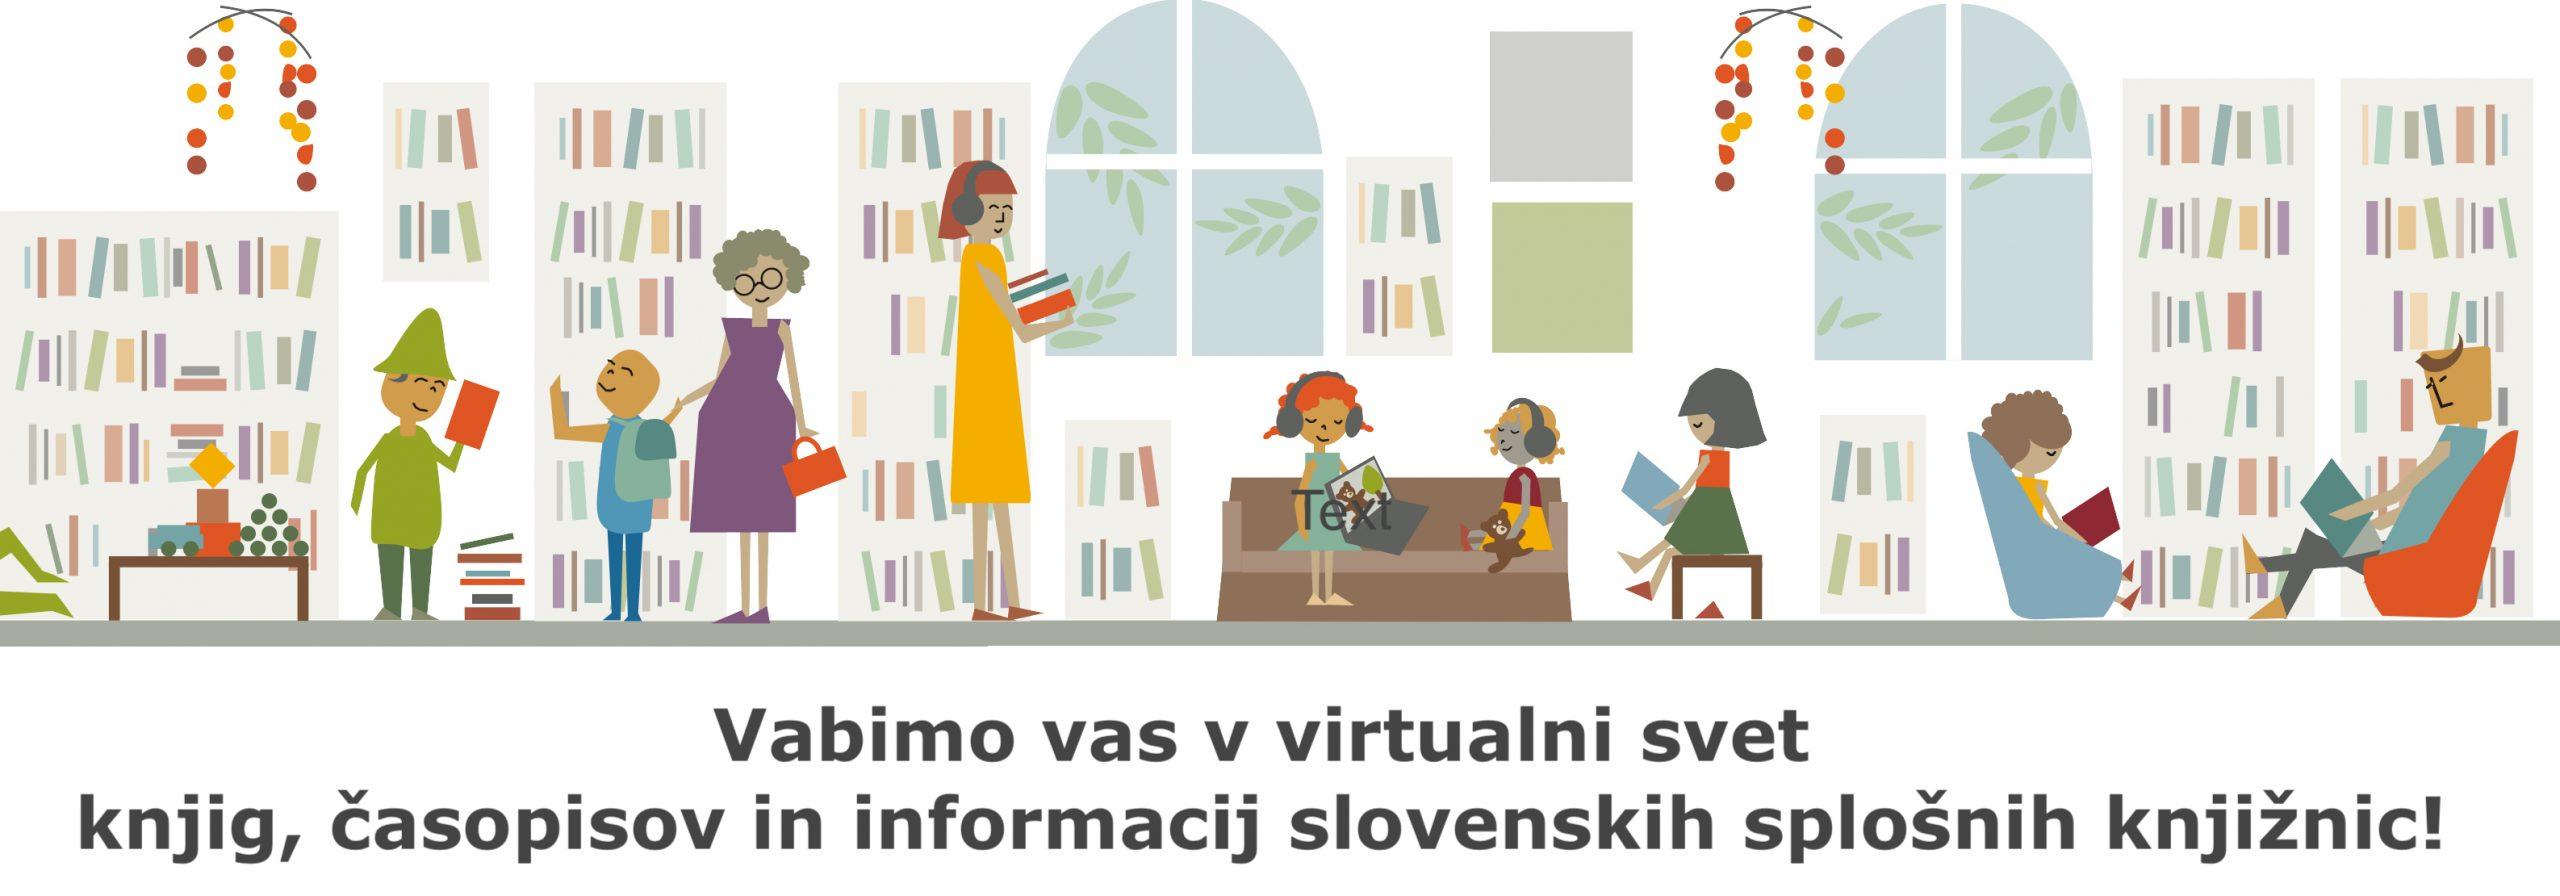 Vabimo vas v virtualni svet knjig, časopisov in informacij slovenskih splošnih knjižnic!